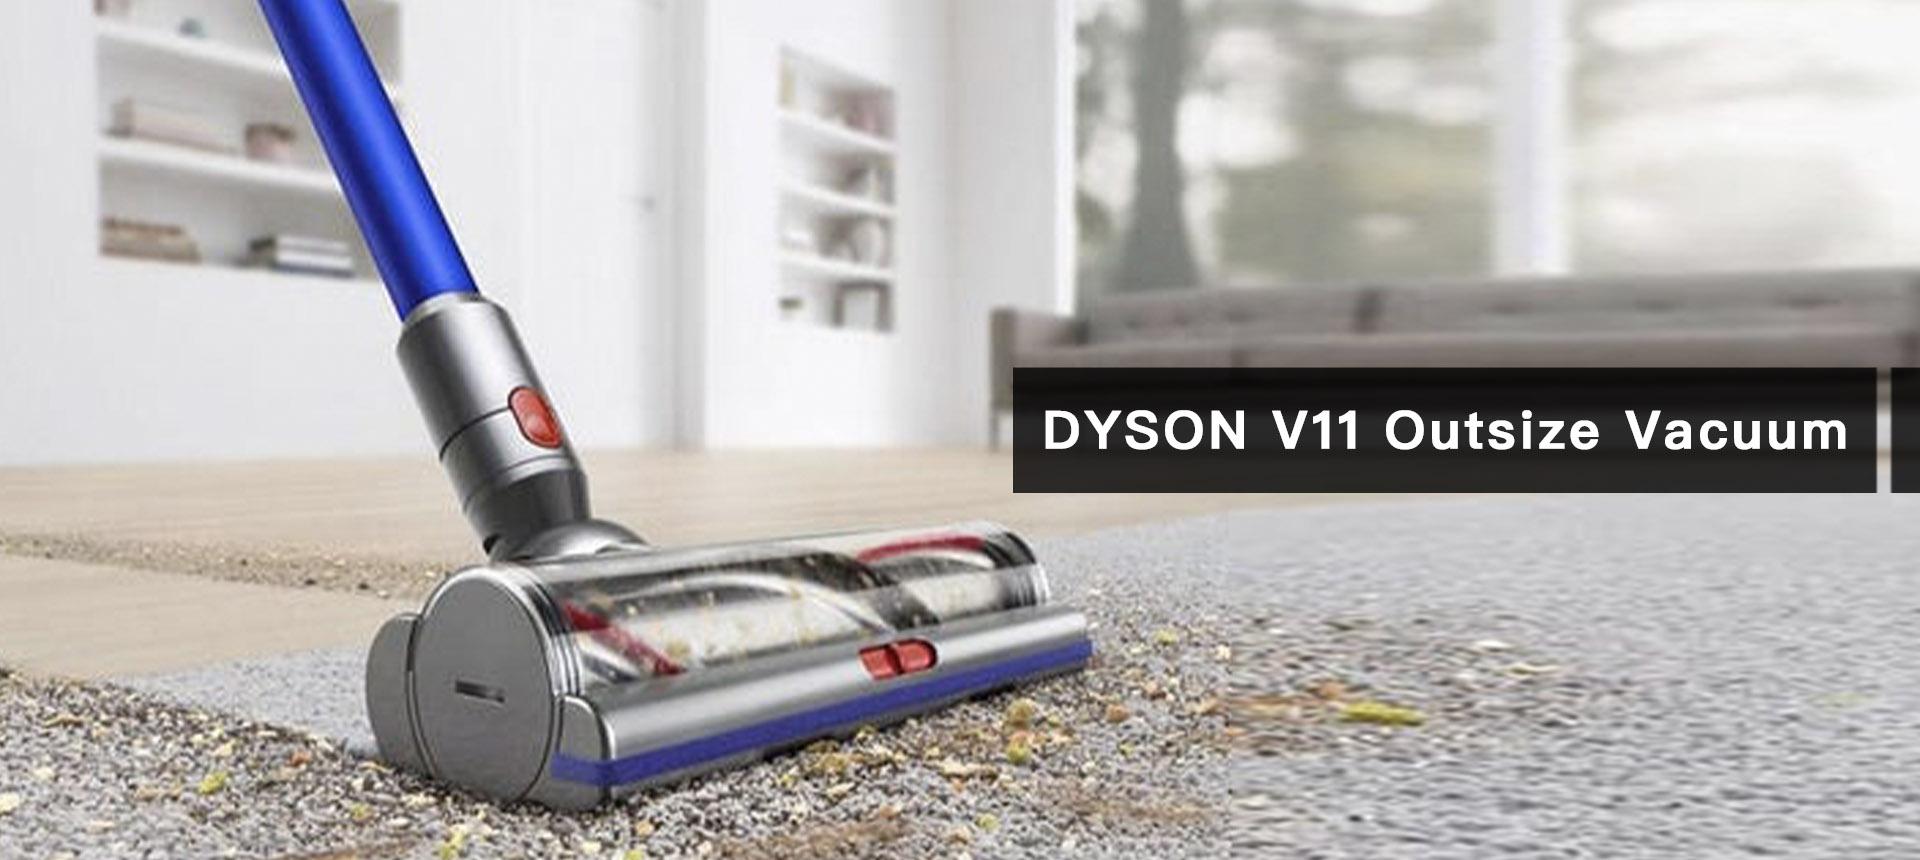 DYSONV11 Outsize Vacuum